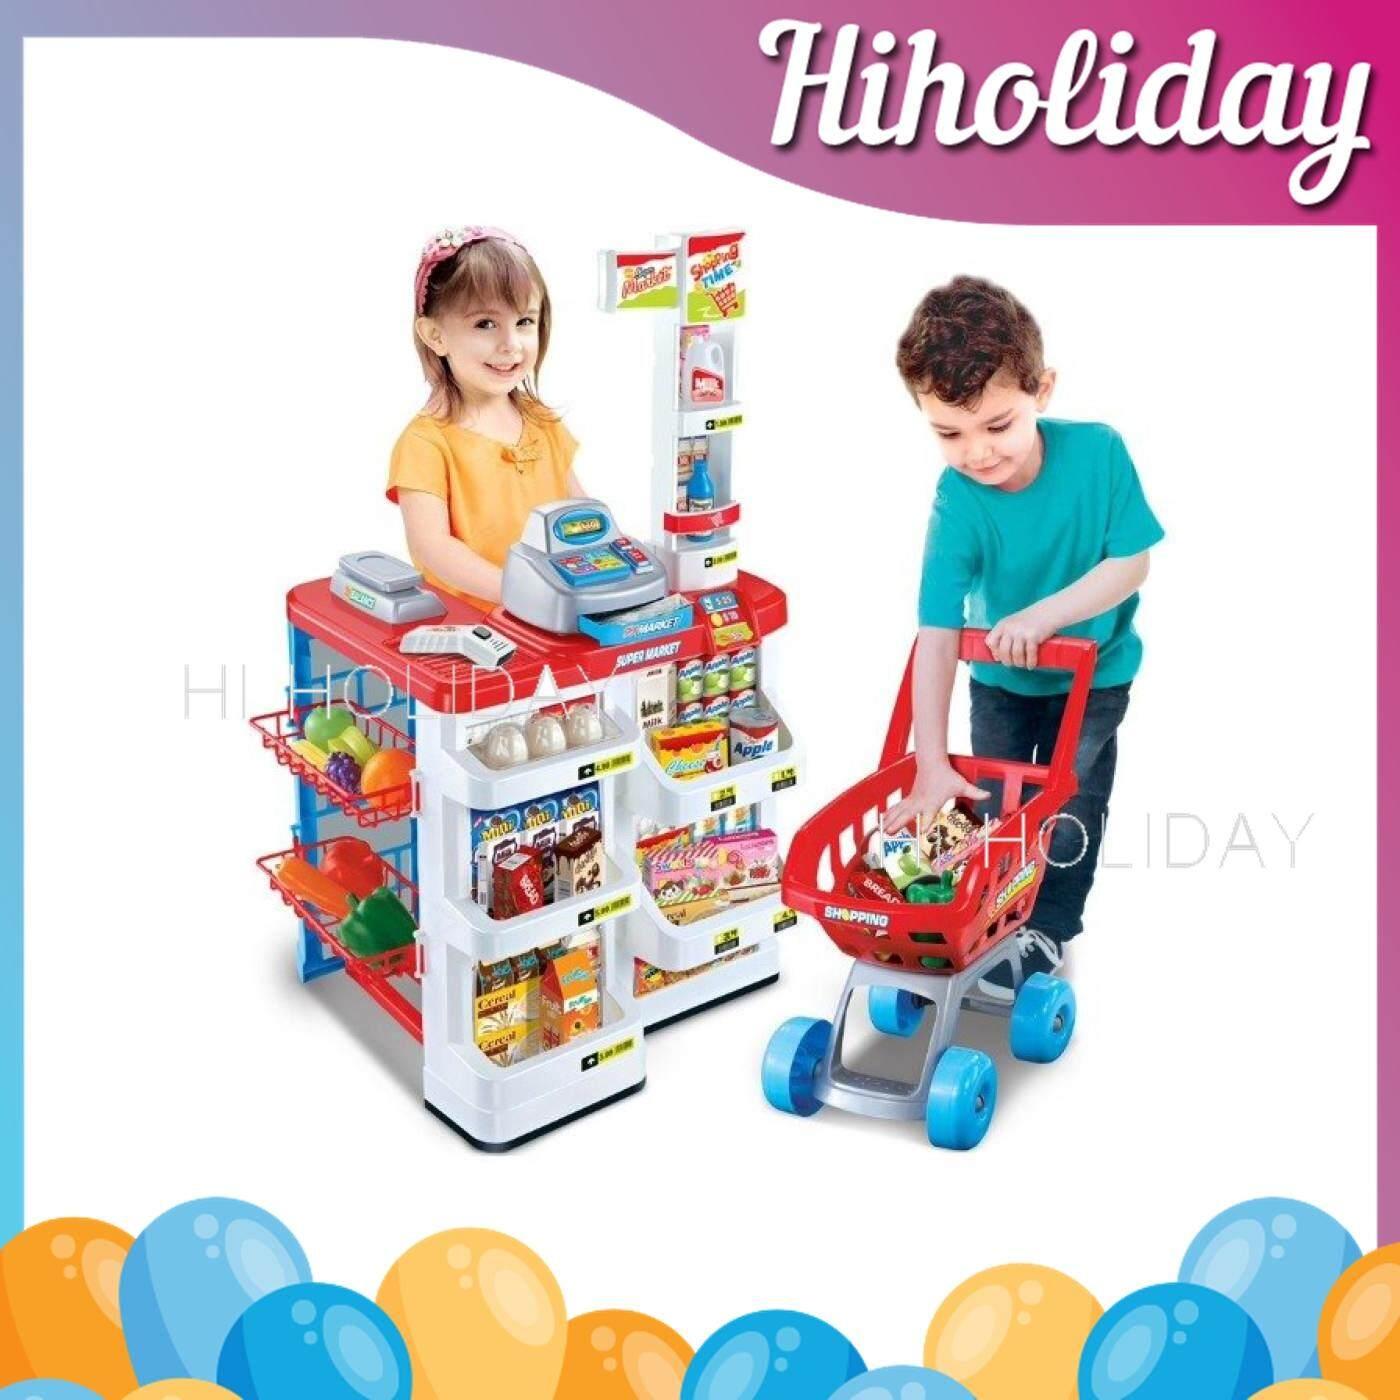 [[โปรโมชั่นสุดคุ้ม โค้งสุดท้าย]]ของเล่นเสริมทักษะ ไม่เป็นอันตราย ฝึกสมอง ให้เด็กหัดเรียนรู้ มีคุณภาพ ฟรี ของแถม By Hiholiday.